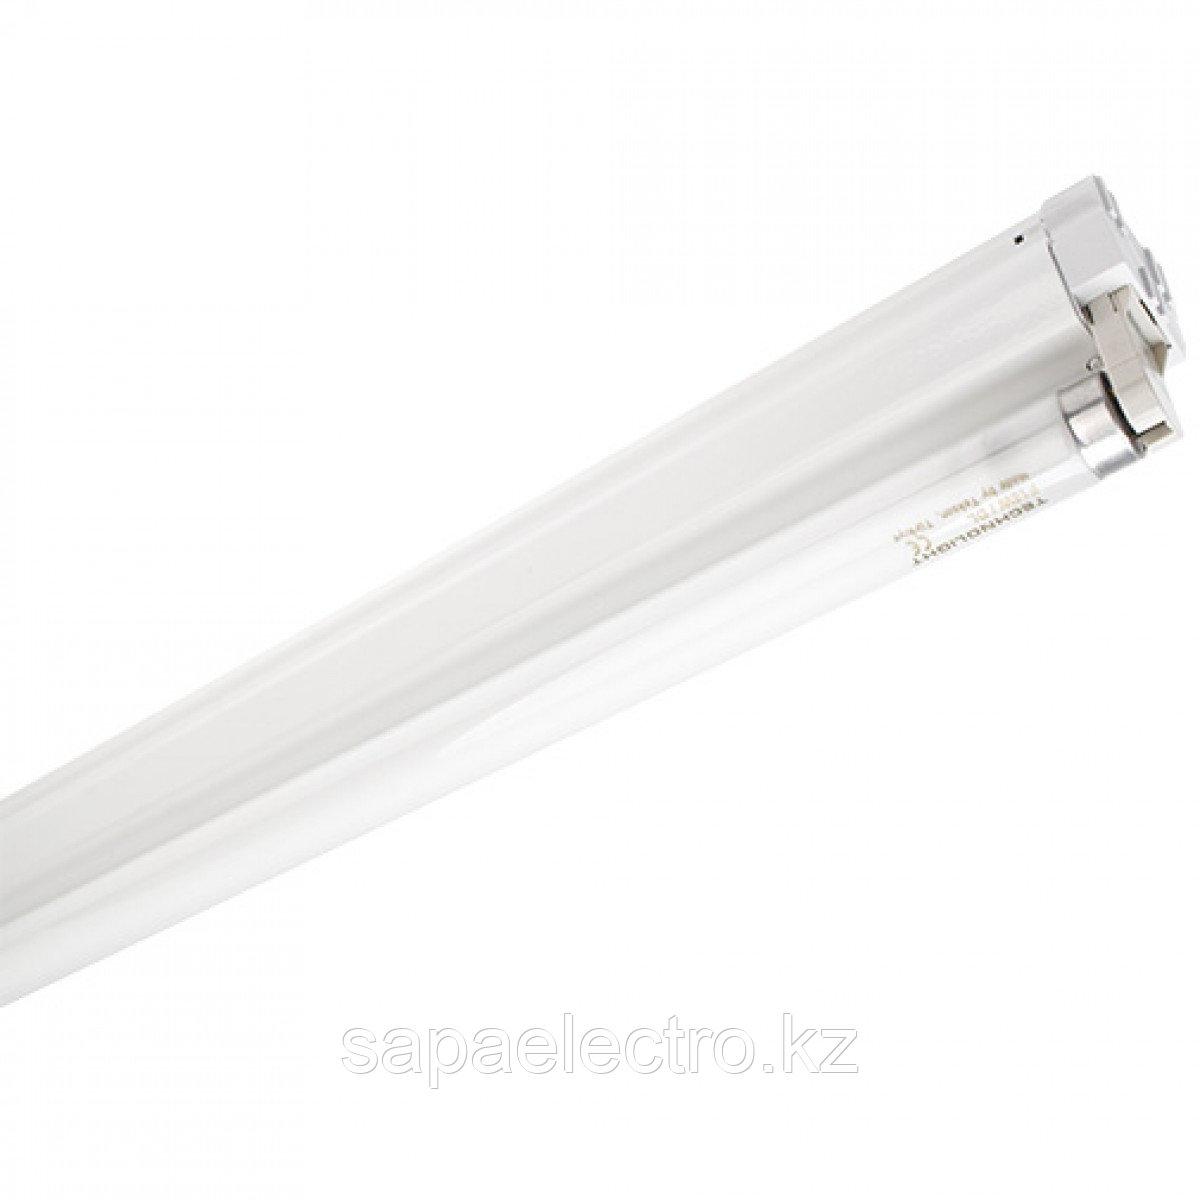 Св-к LEDTUBE TMS 1х9W +лампа (60см) MEGALUX (TS) 3ш